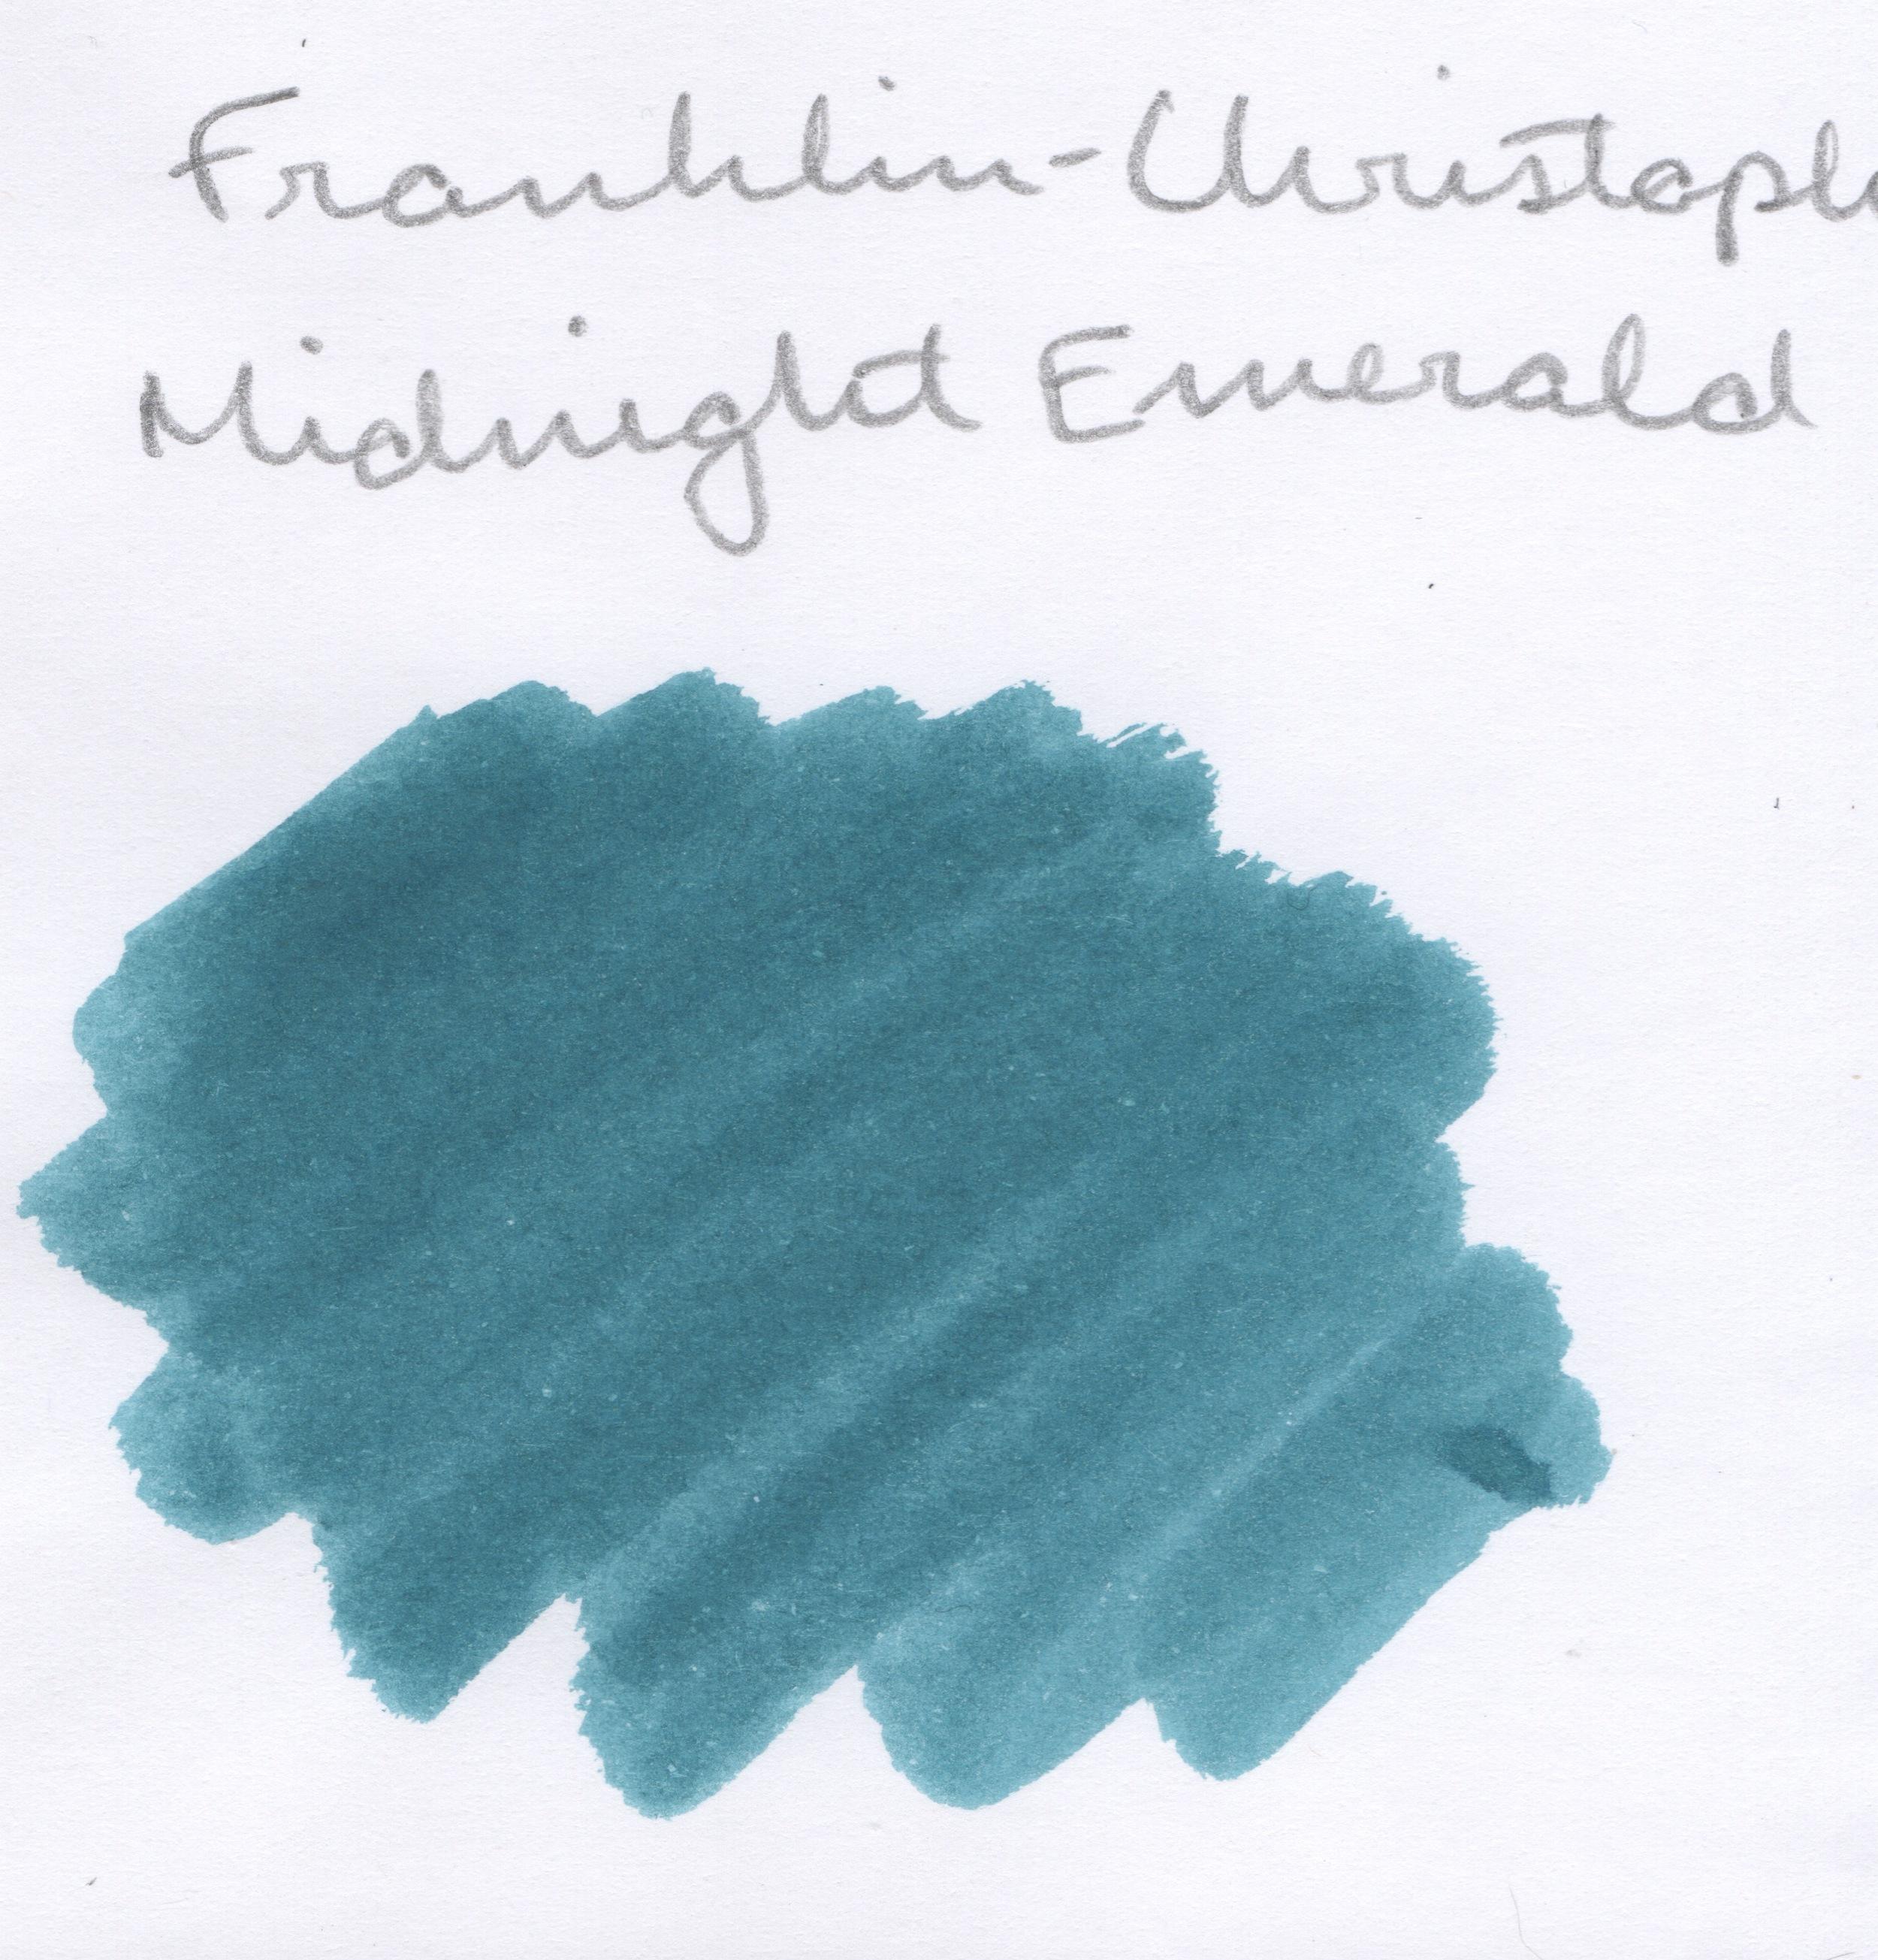 FC Midnight Emerald.jpeg